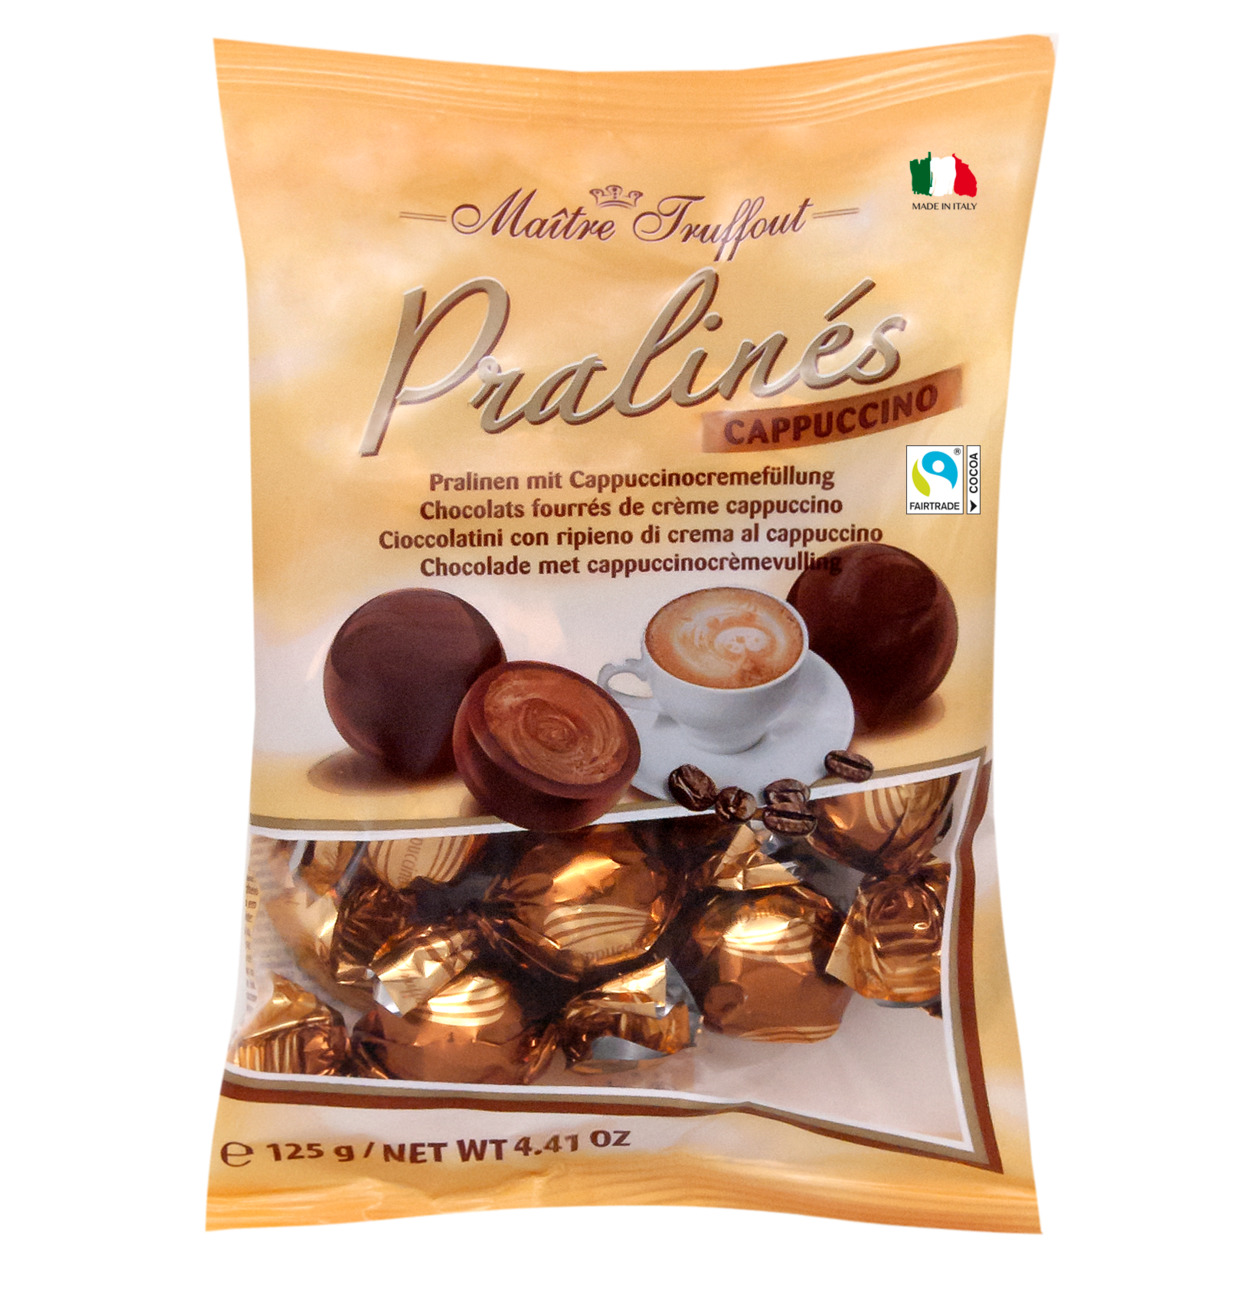 Pralinen Milchschokolade mit Cappuccinocremefüllung